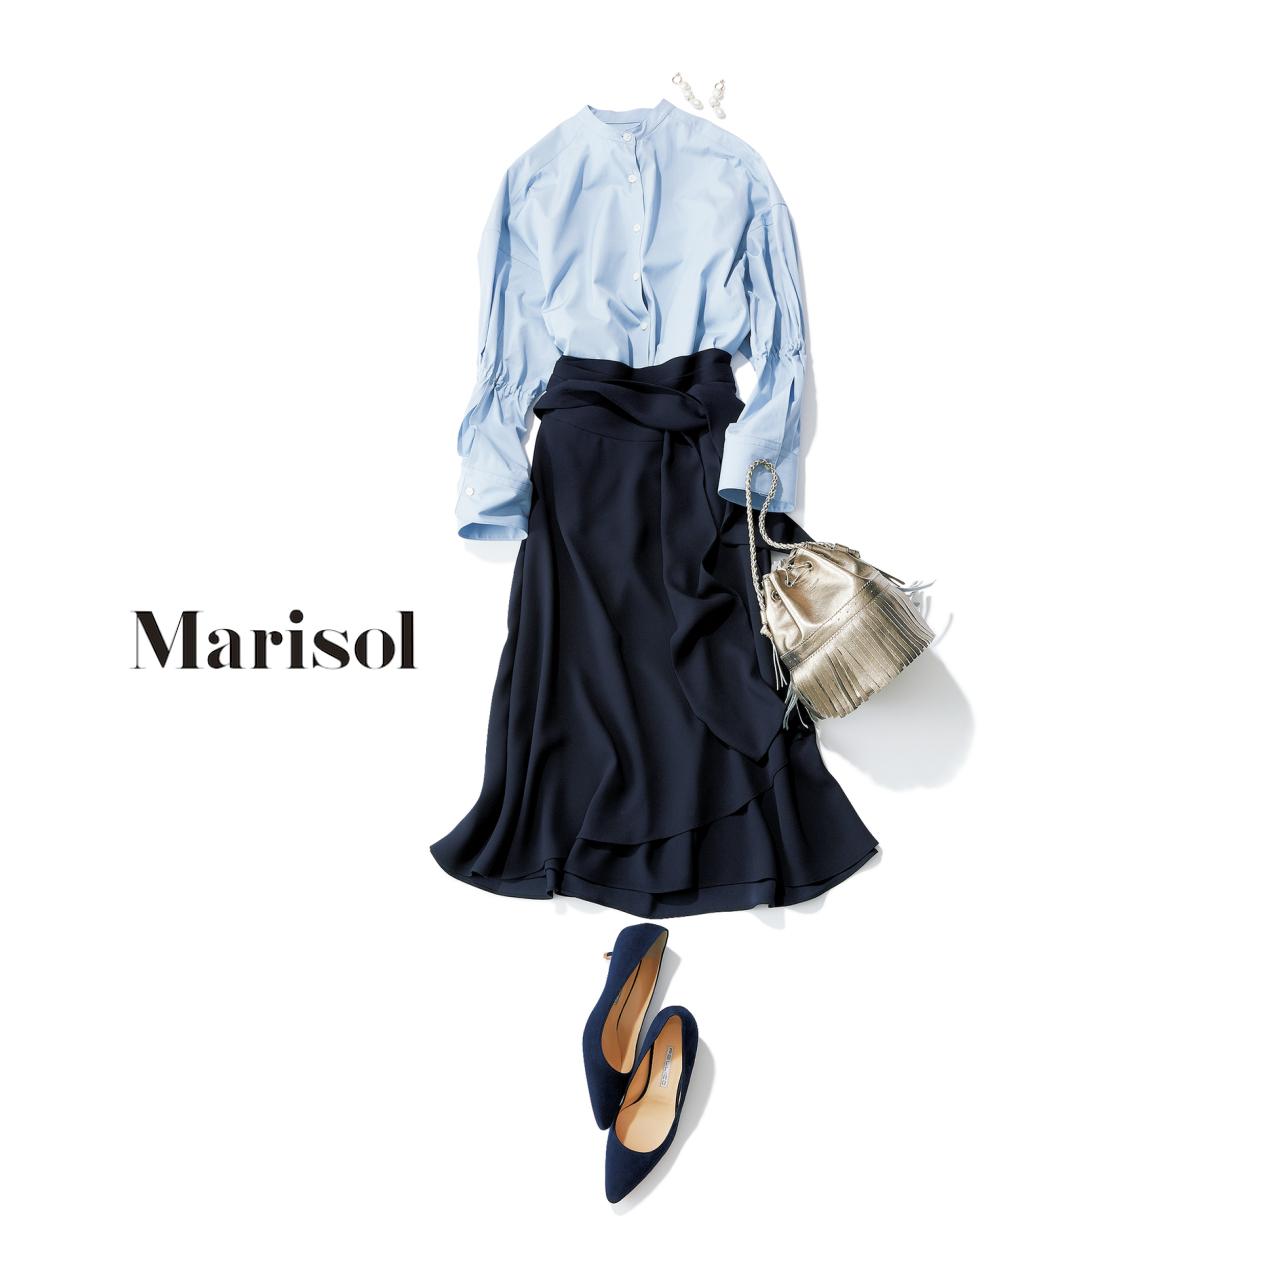 ブルーシャツ×フレアスカートコーデ